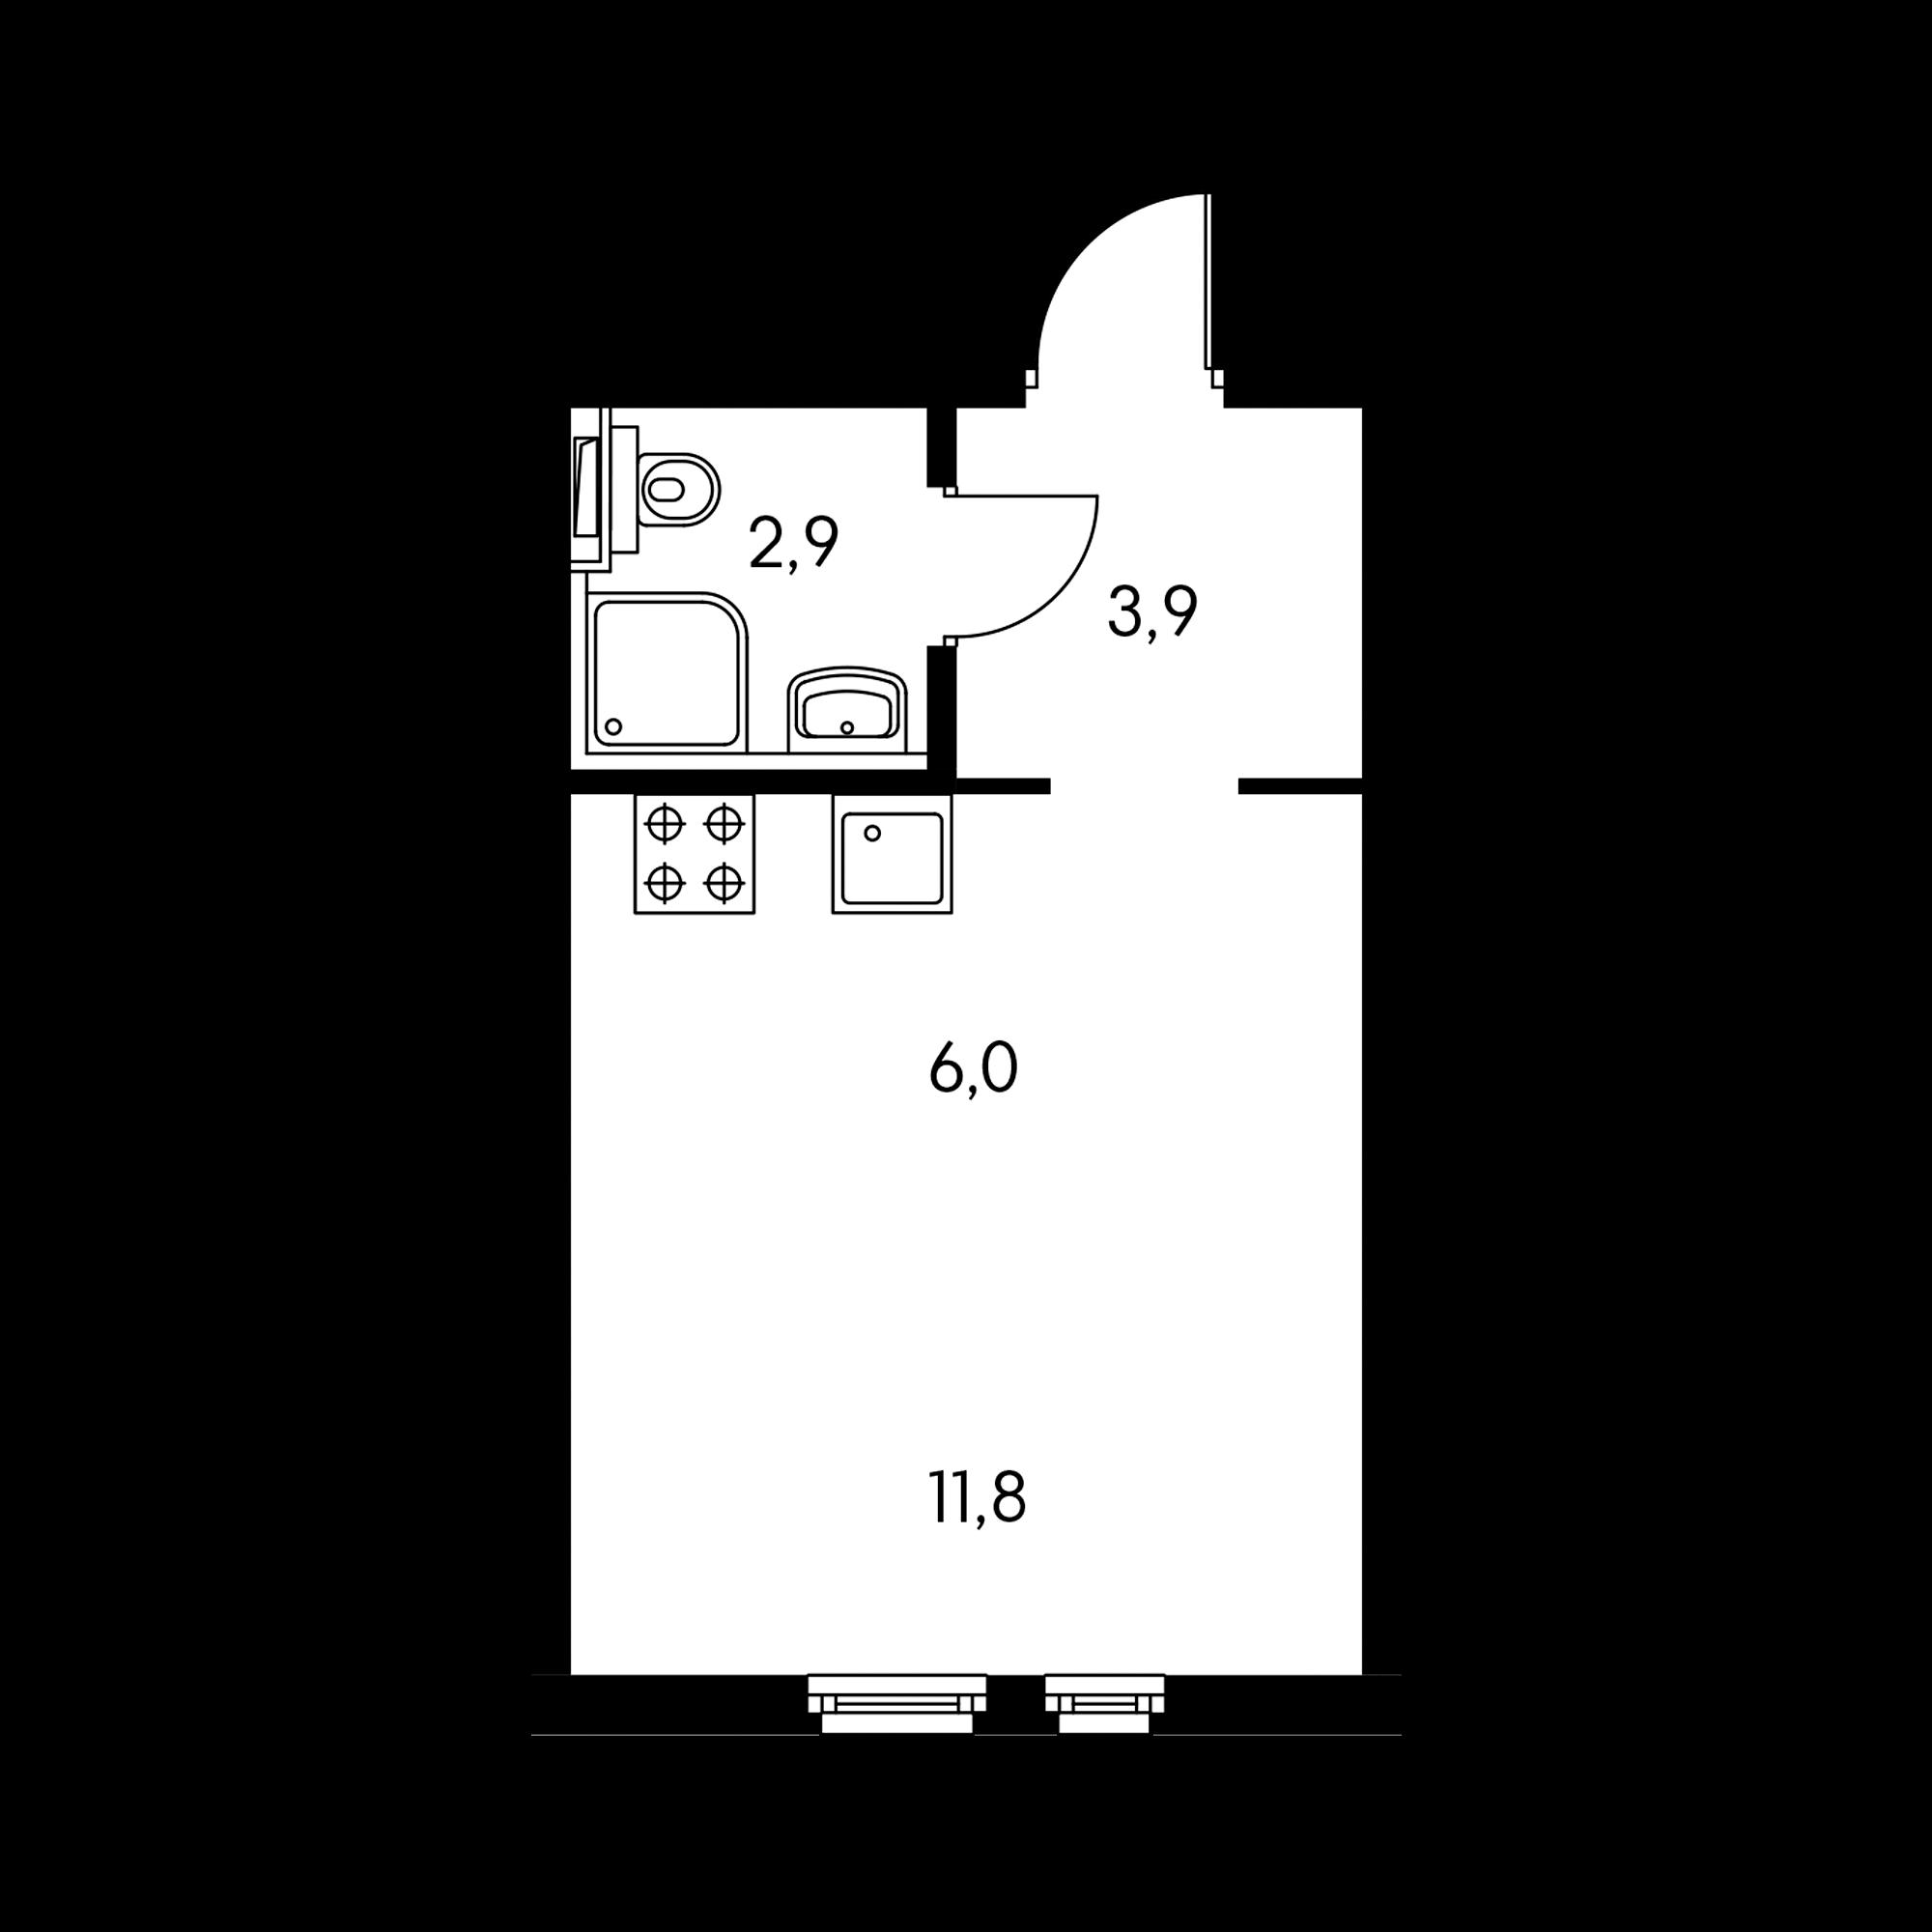 C-1_2A